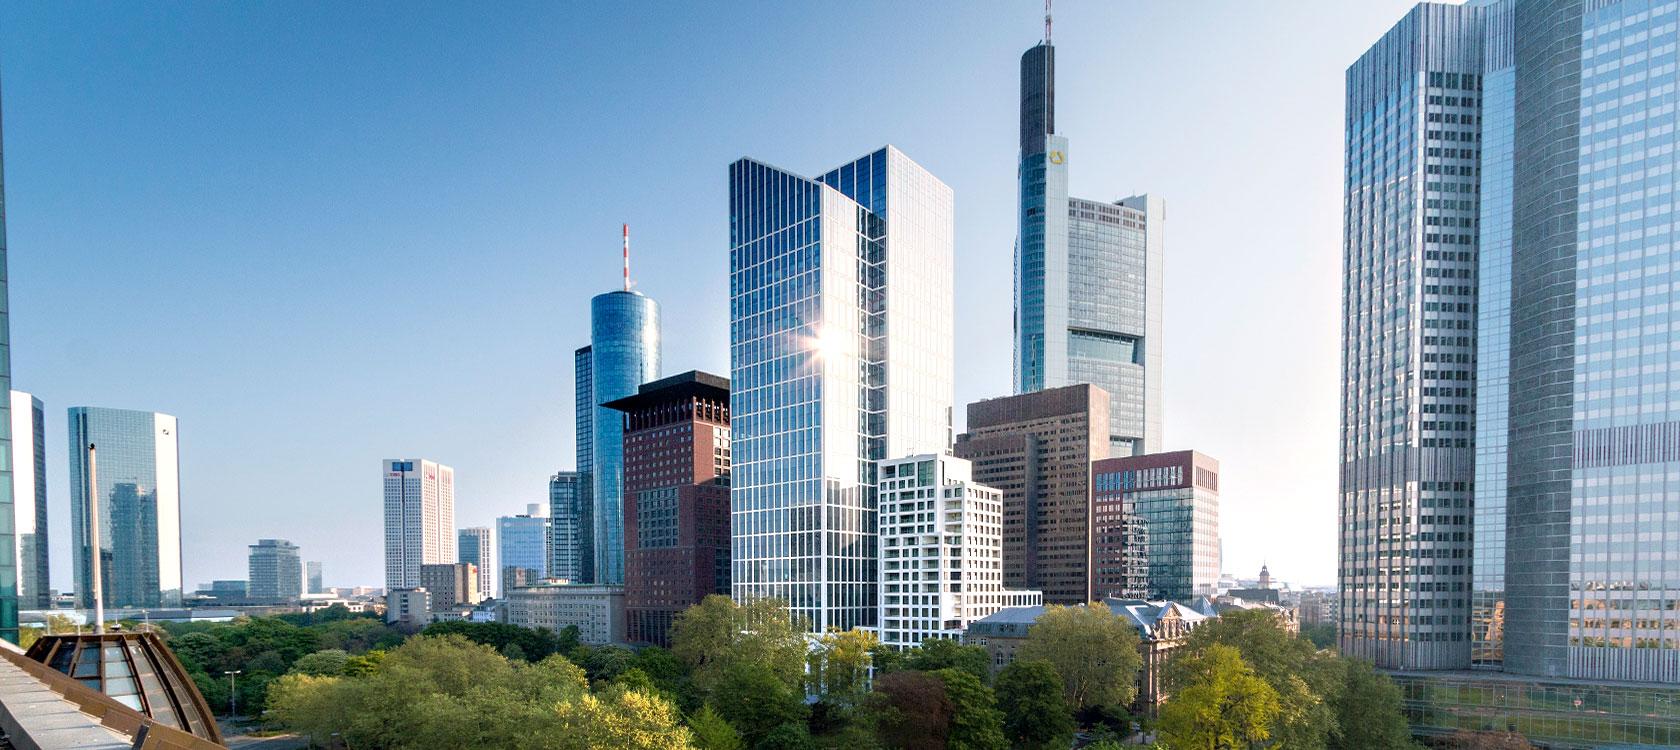 MITARBEITER/IN EMPFANG, SERVICE & ASSISTENZ (m/w/d) Frankfurt